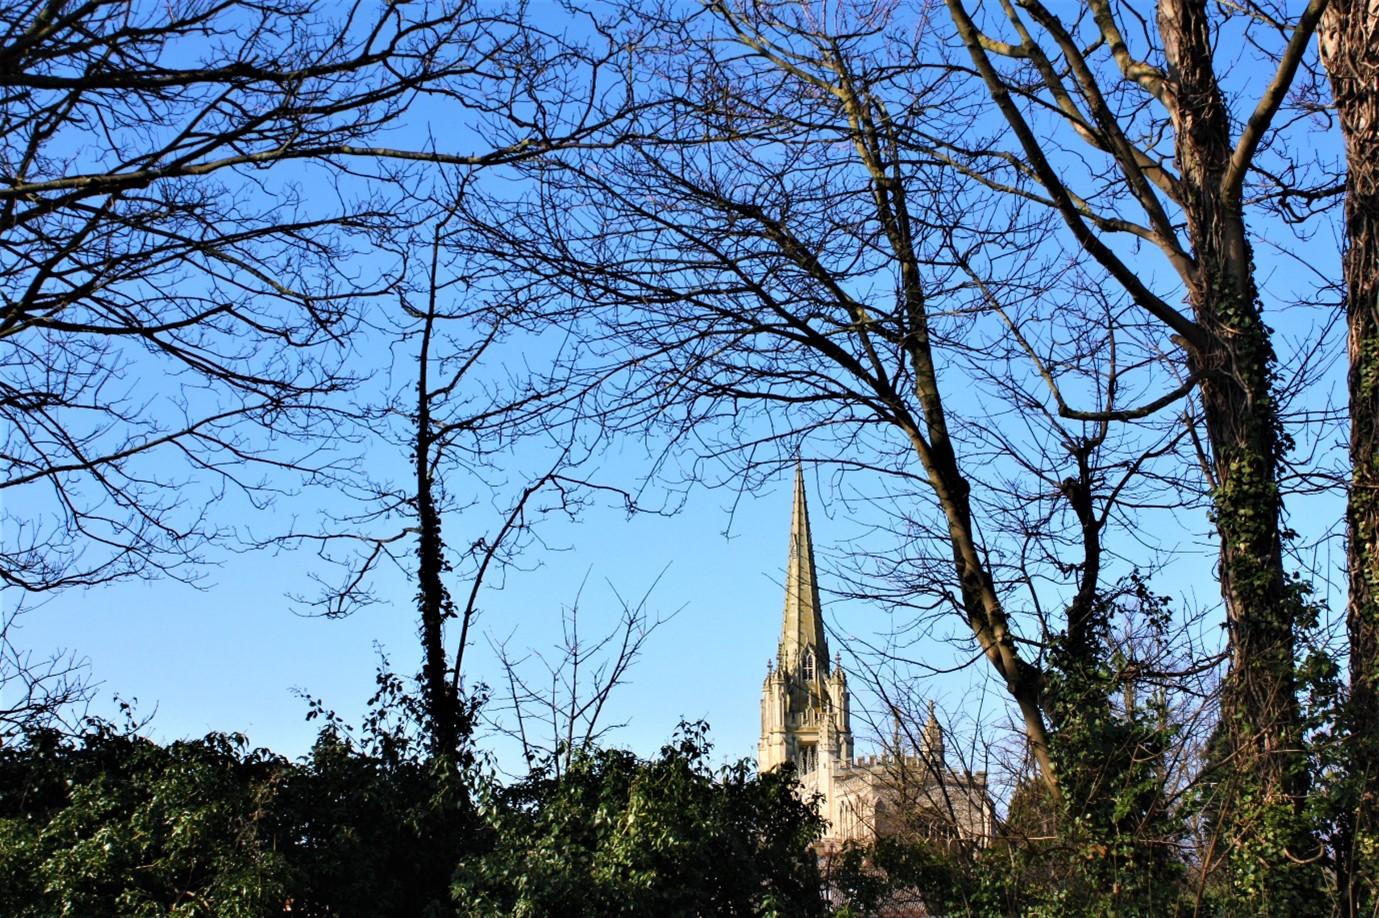 Area Guides for Saffron Walden (1)